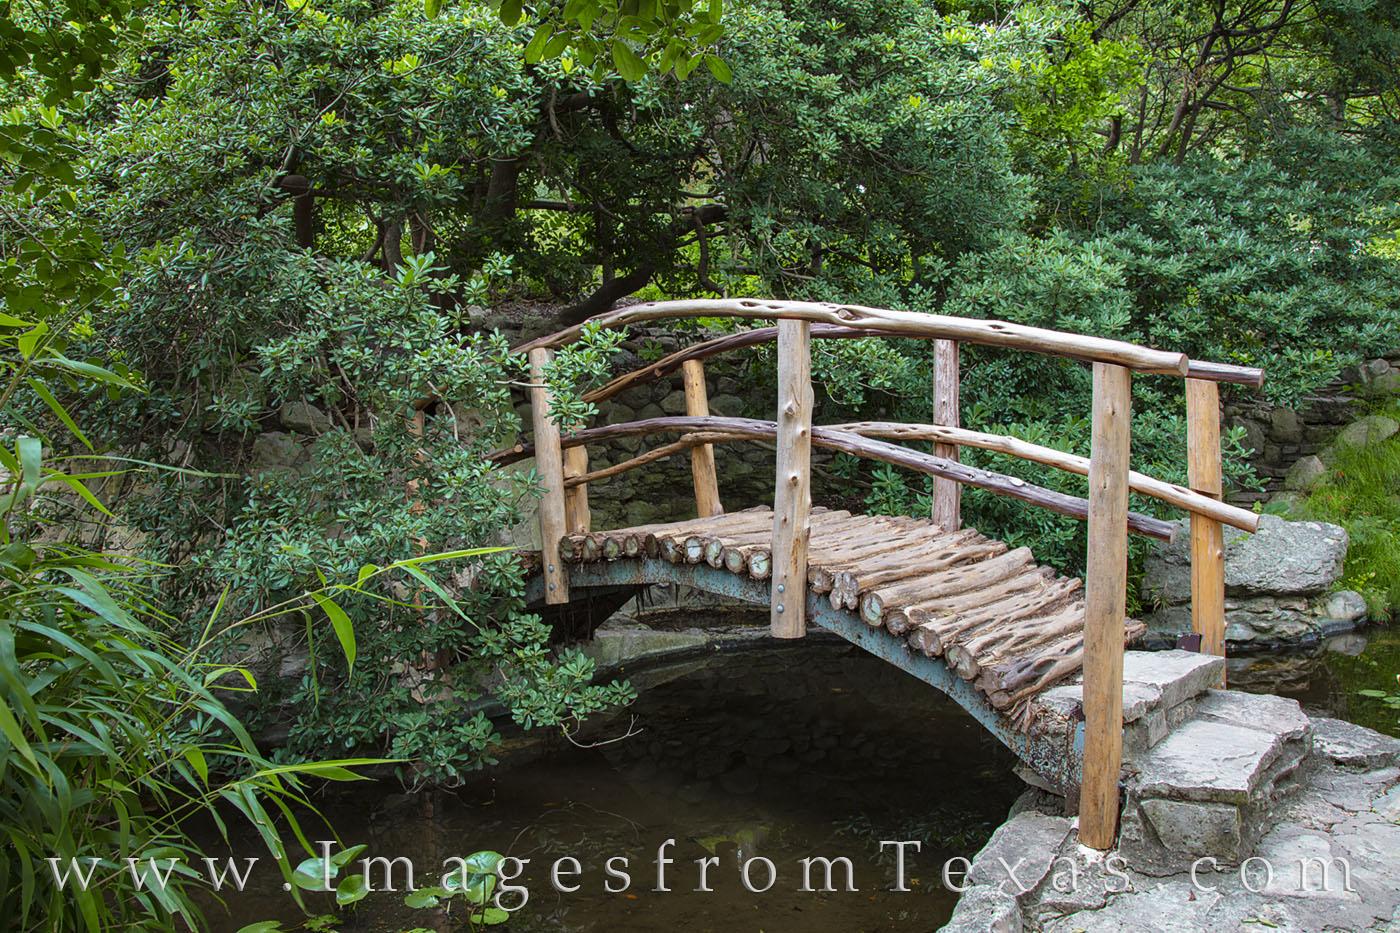 zilker botanical gardens, zilker gardens, austin texas, photo